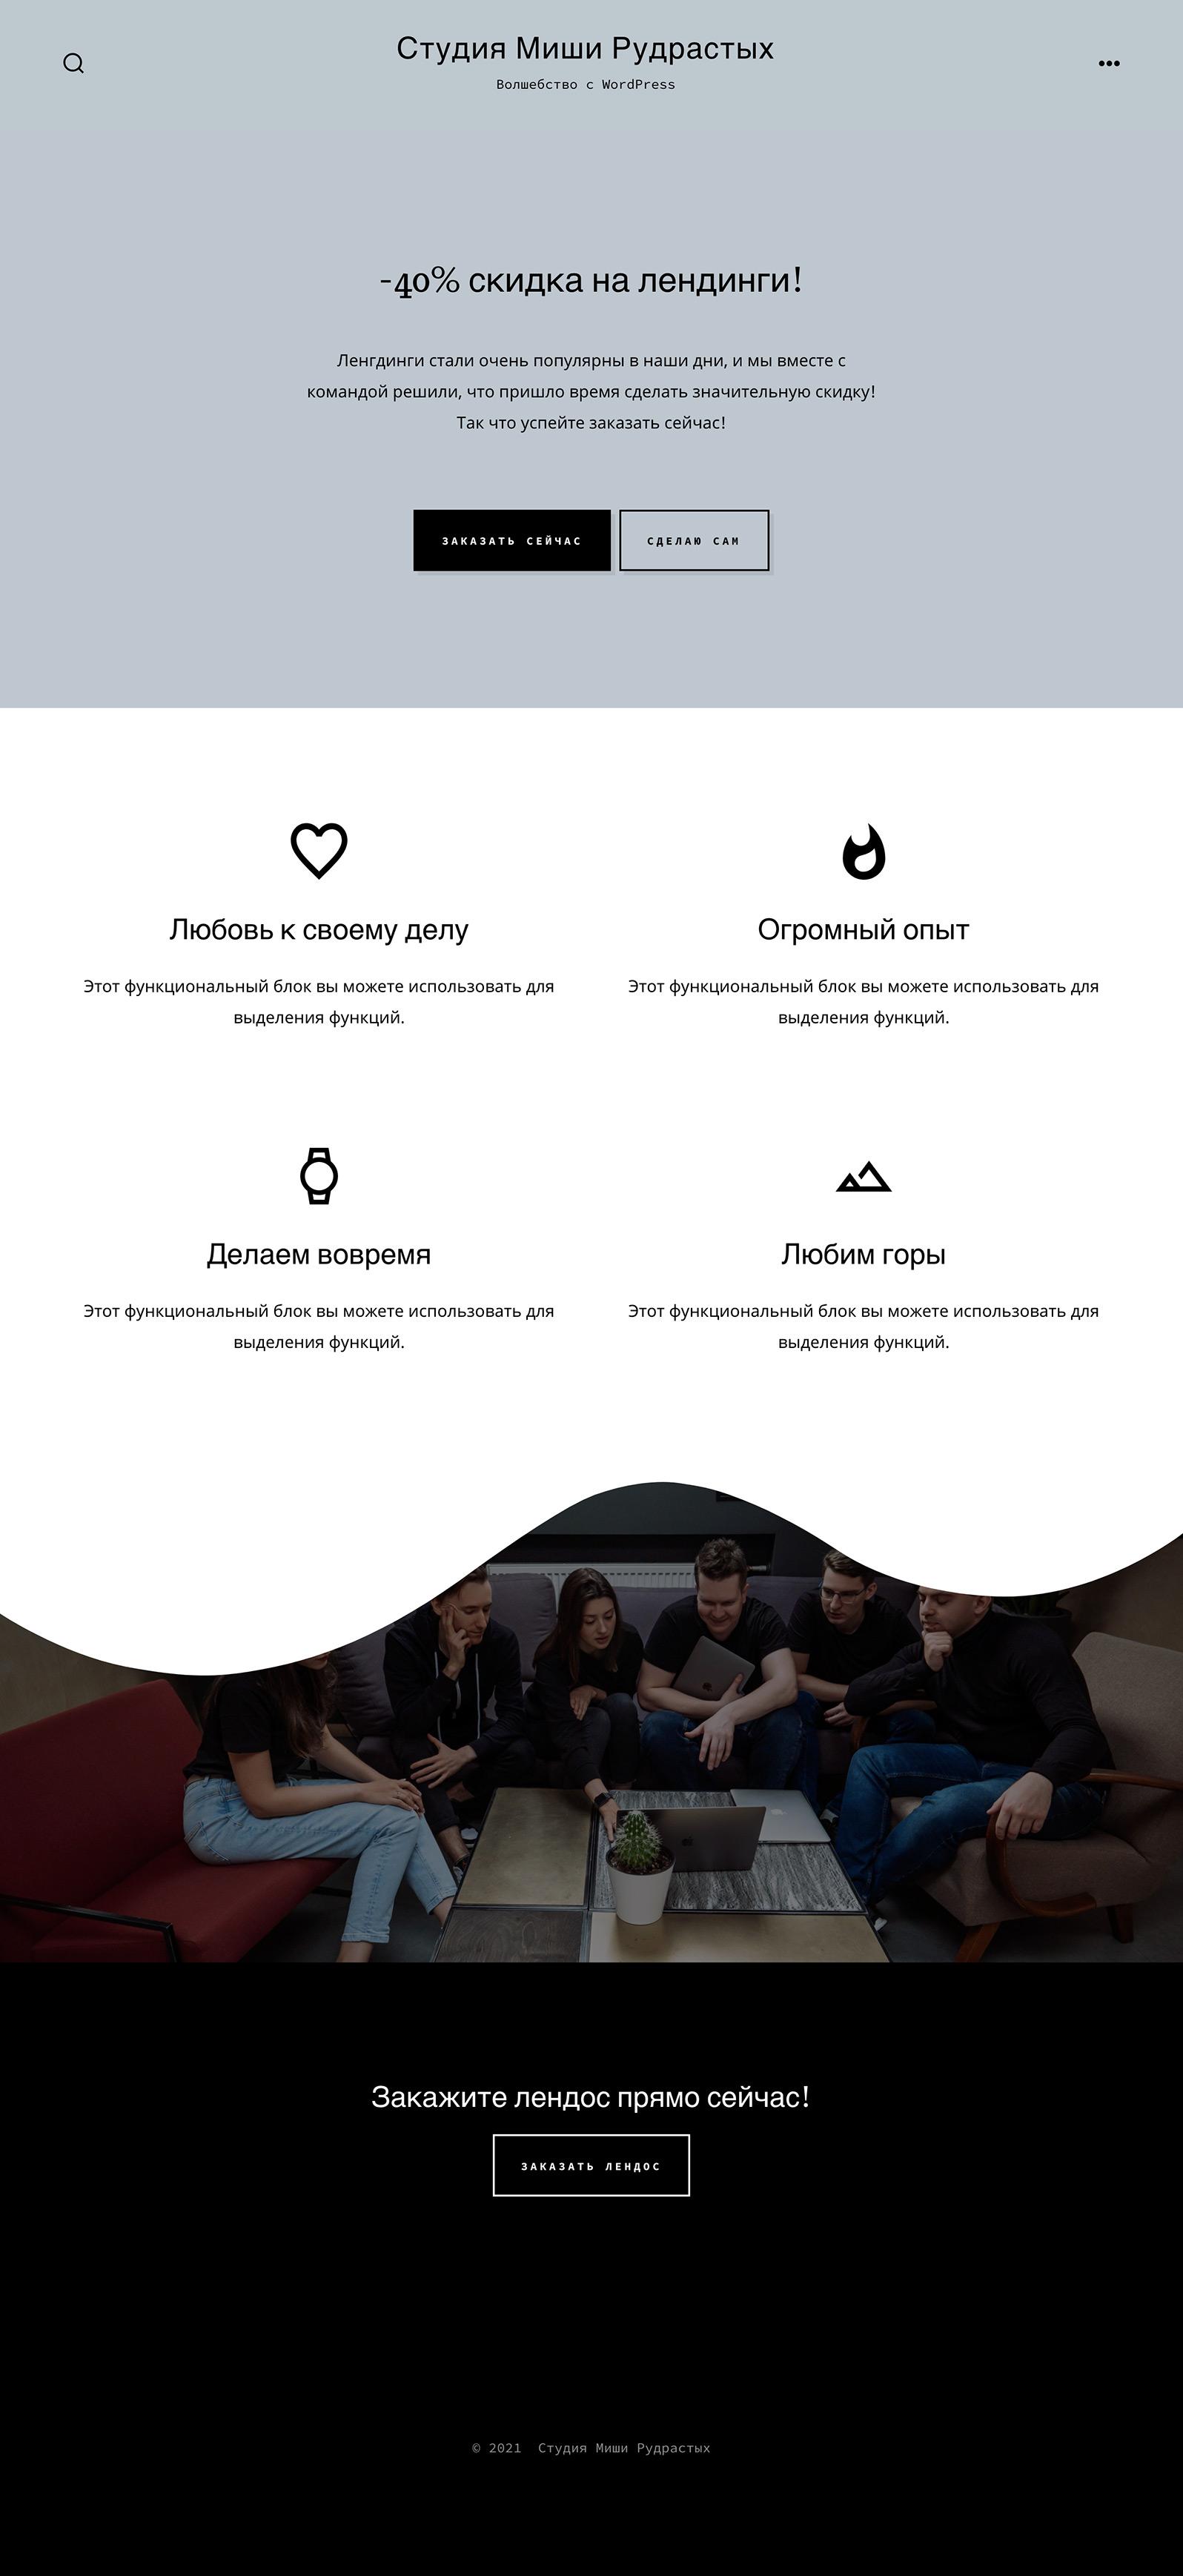 Создание лендинга на WordPress пошагово